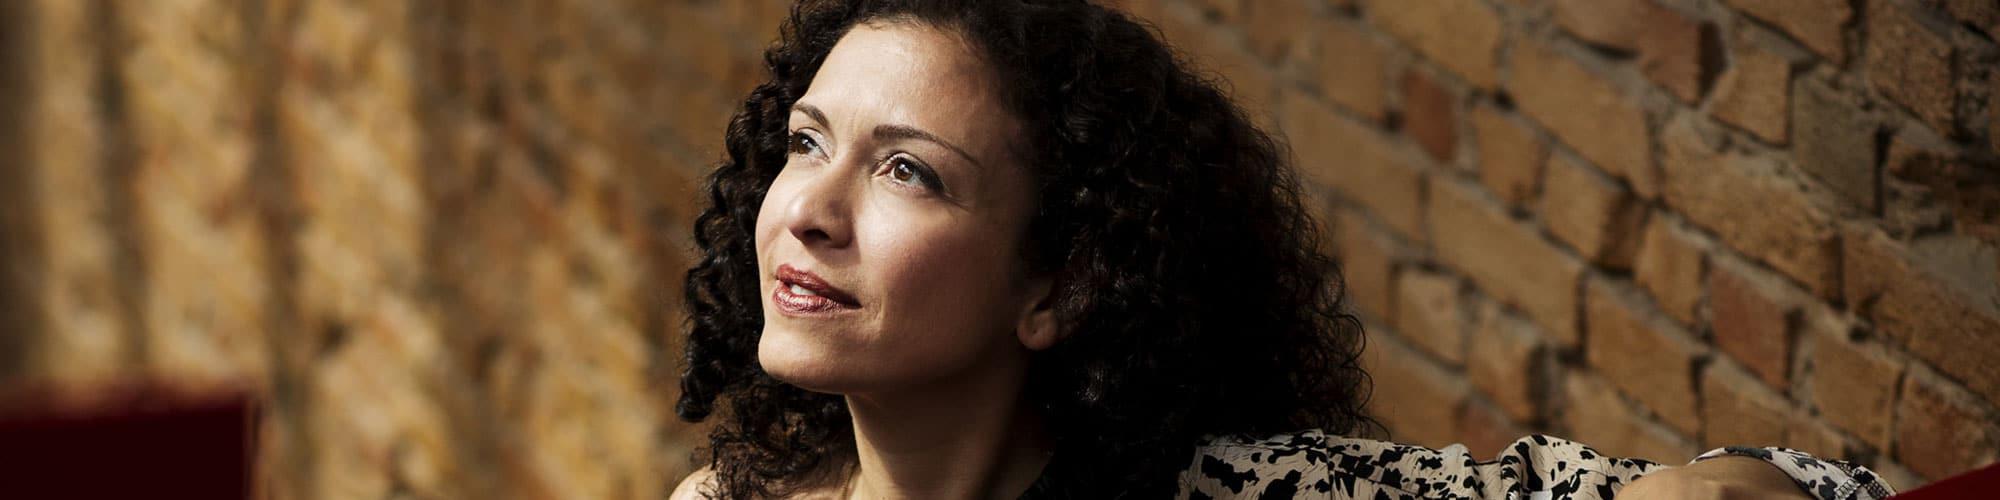 Marianna Shirinyan, piano. Foto Nikolaj Lund